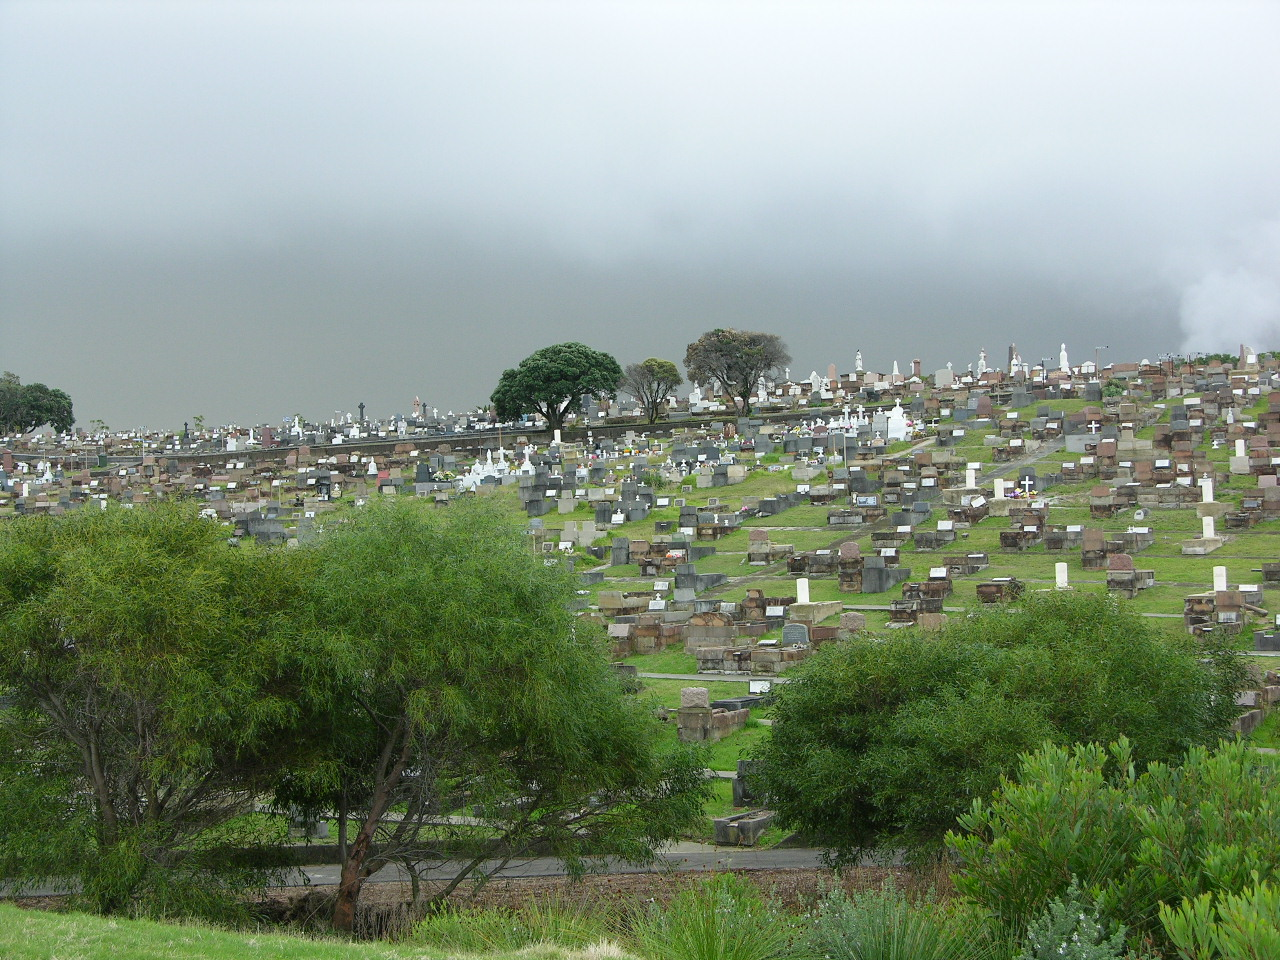 Eastern Suburbs Memorial Park Cemetery and Crematorium - 7